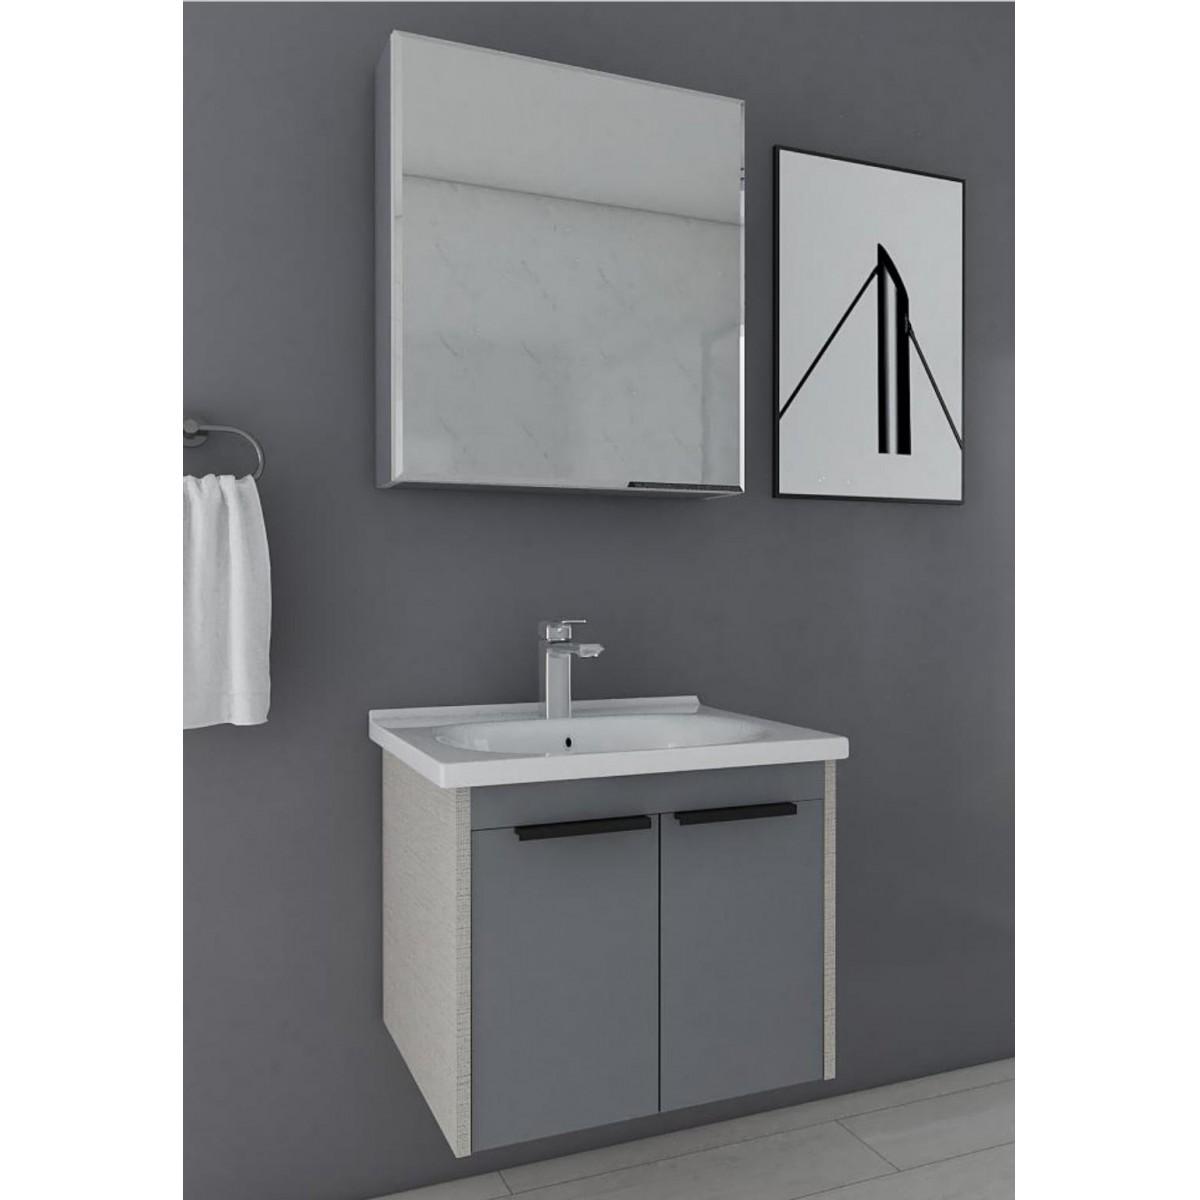 箭牌卫浴 浴室柜 ADGMD6G3236-F